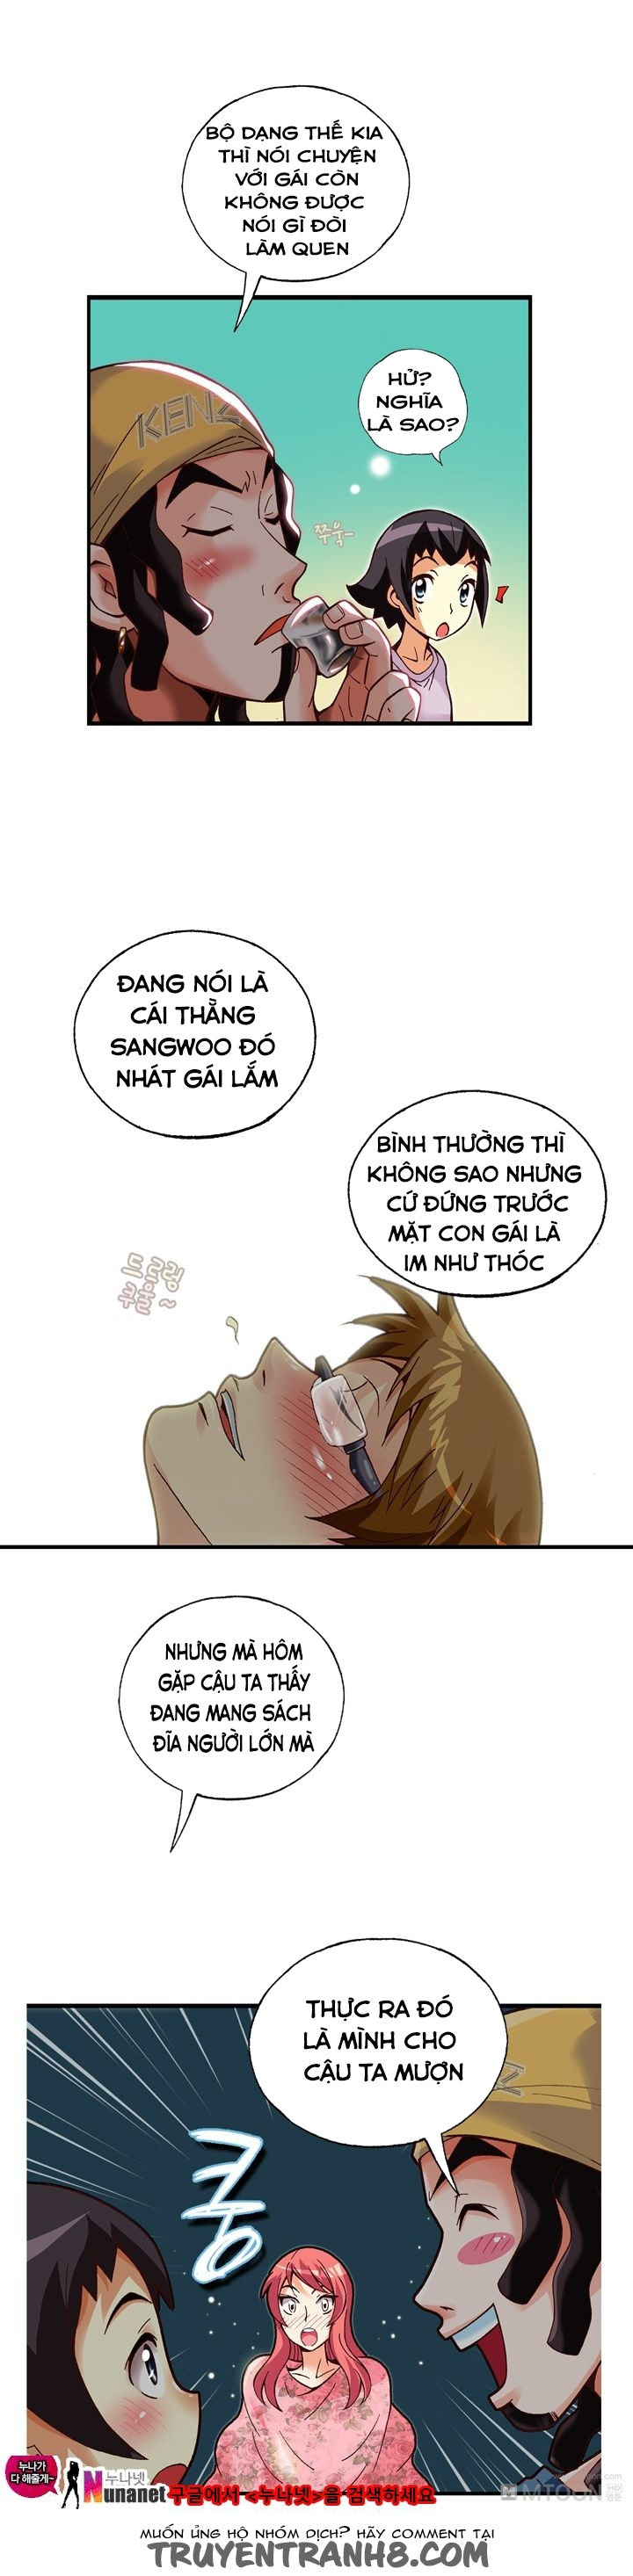 Hình ảnh 17 trong bài viết [Siêu phẩm] Hentai Màu Xin lỗi tớ thật dâm đãng